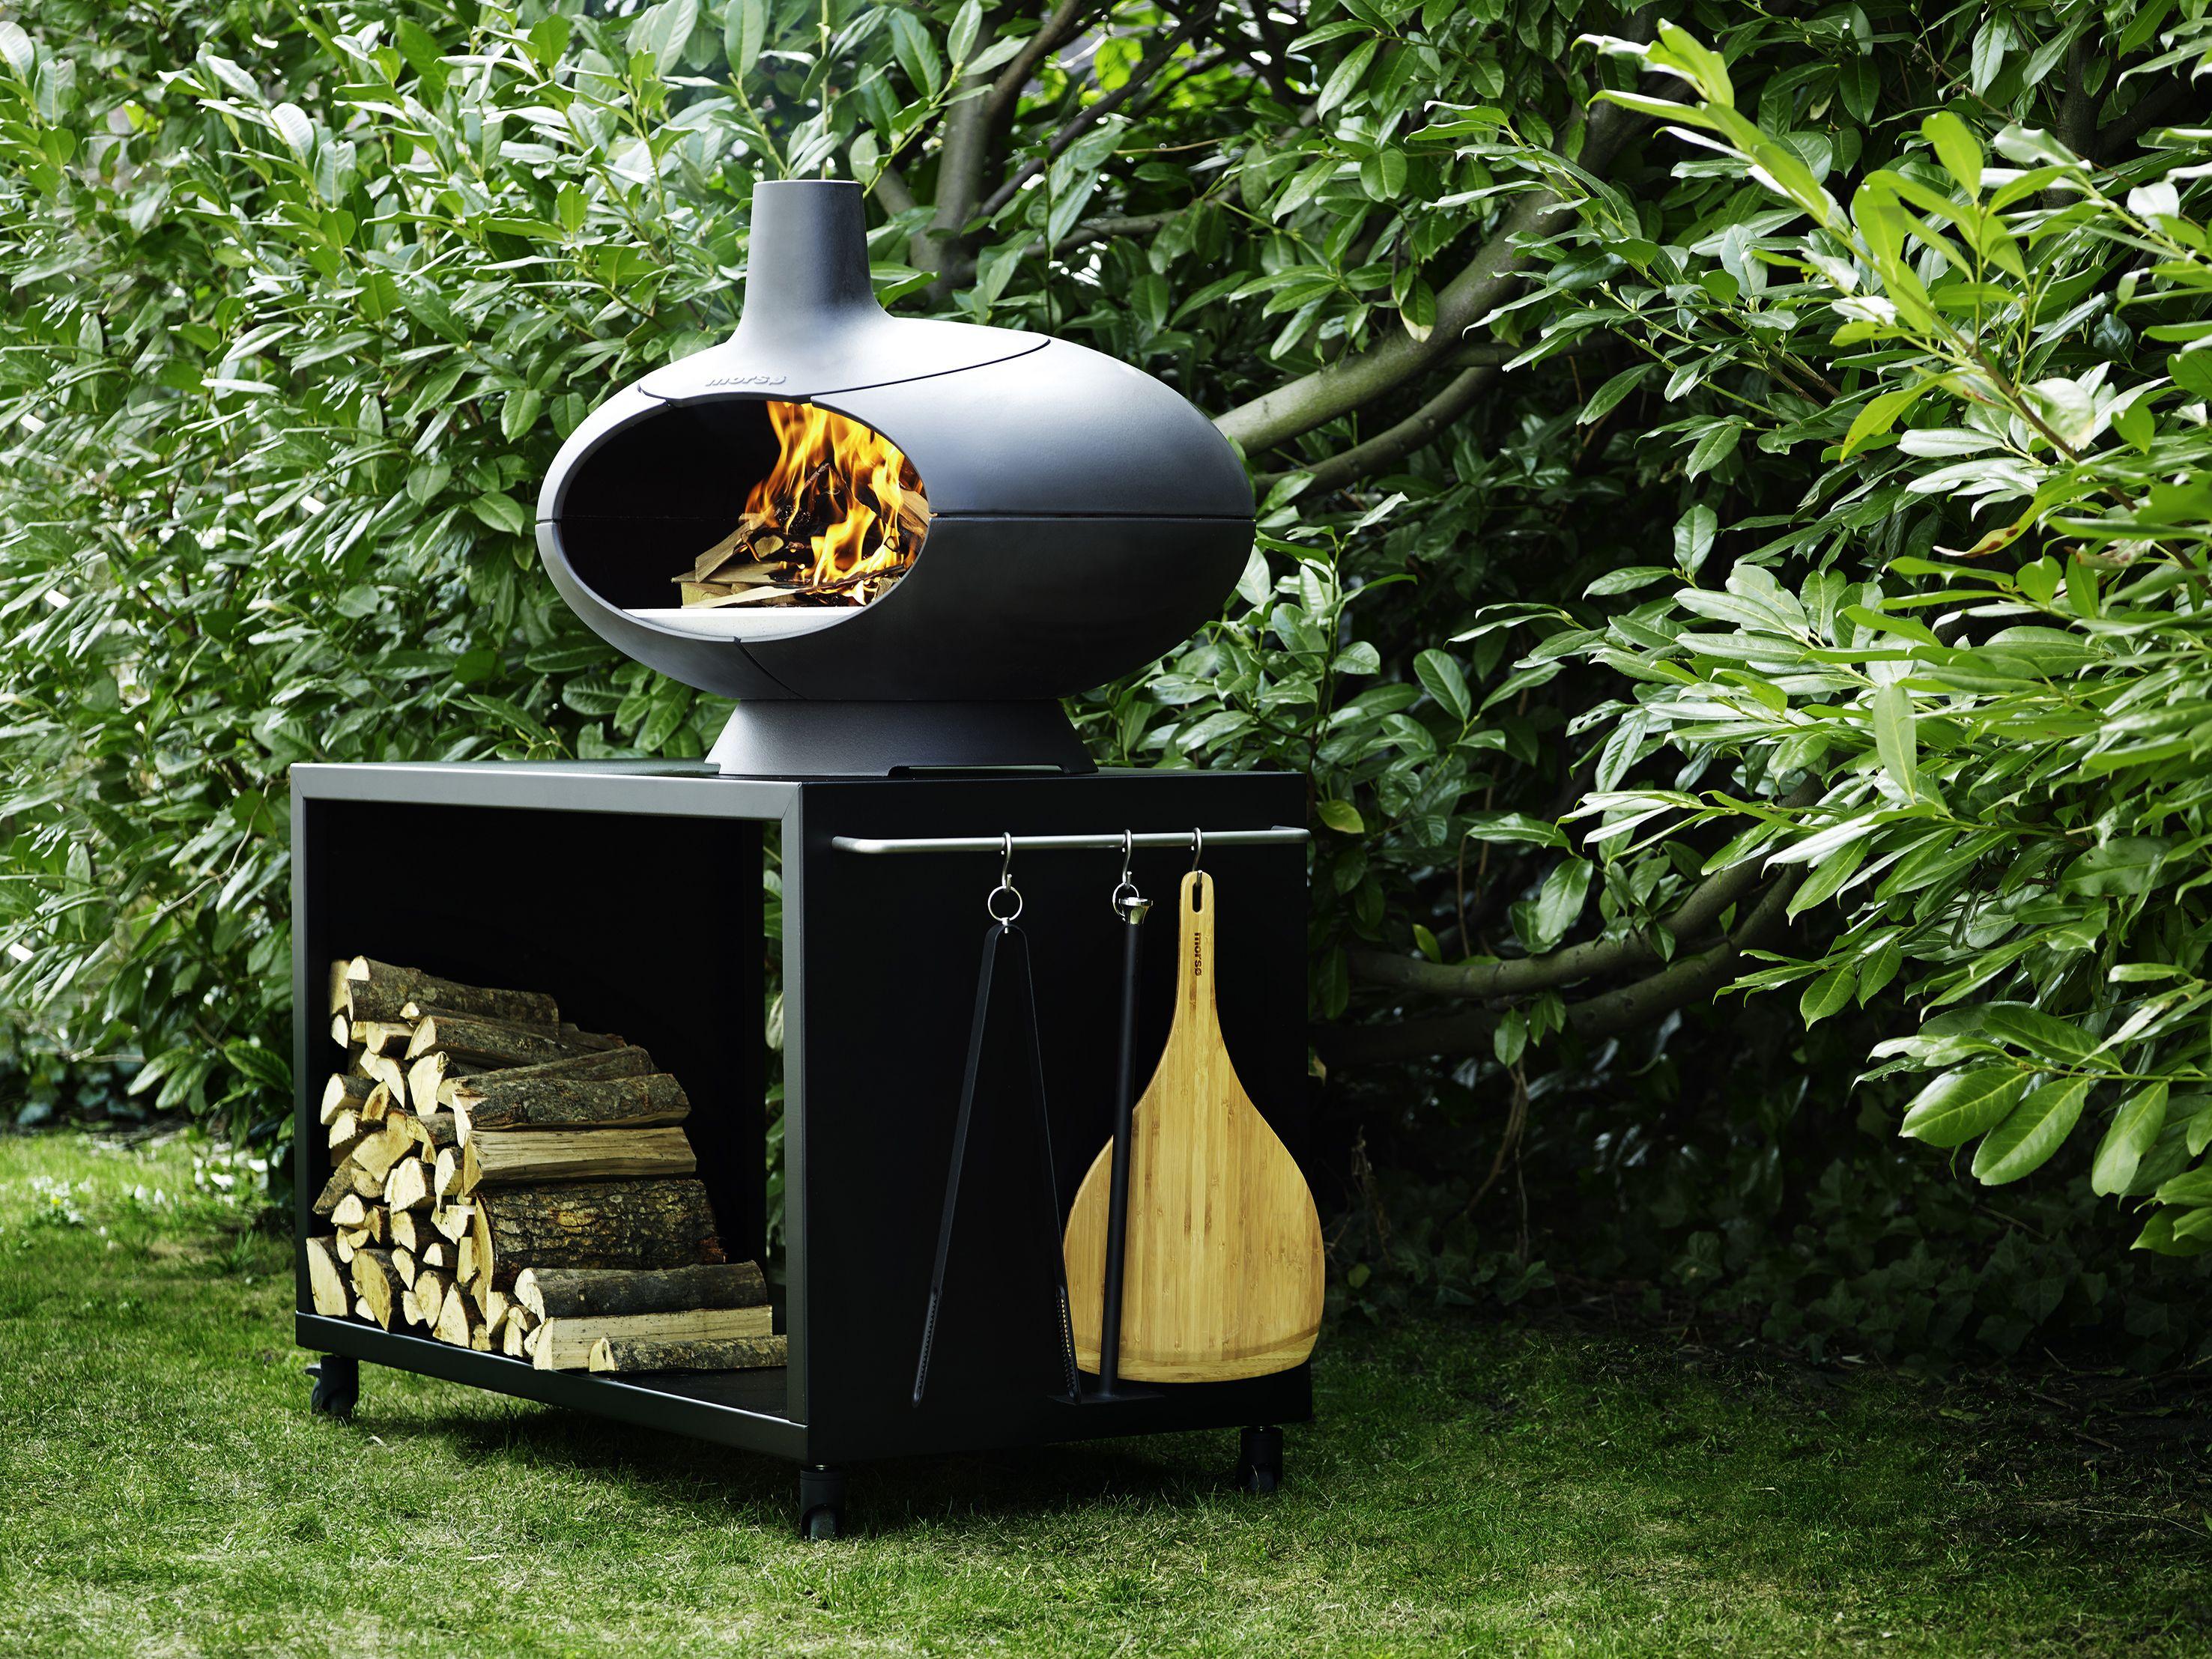 93. Four à pizza / braséro pour l'extérieur, Ø70xH60 cm, x euros - #BarbecueAndCo - http://www.barbecue-co.com